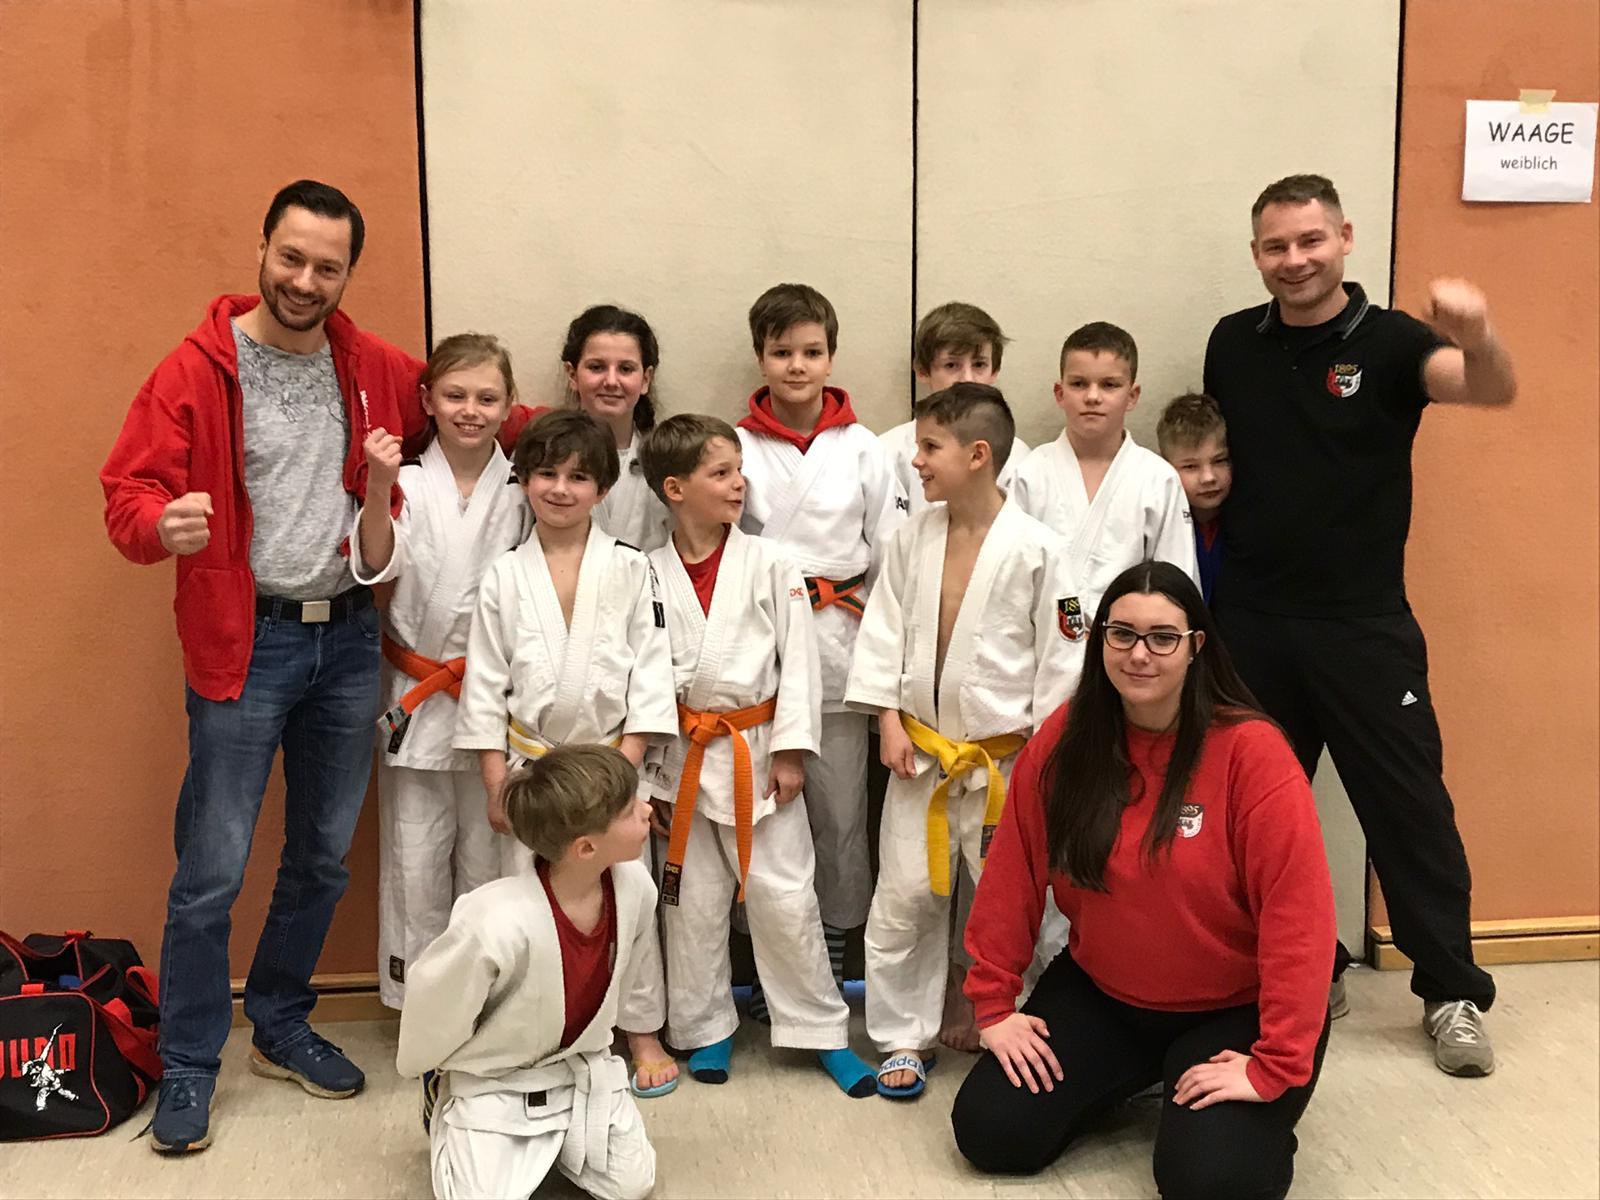 Gruppenfoto mit kleinen Judoka und ihren Trainern